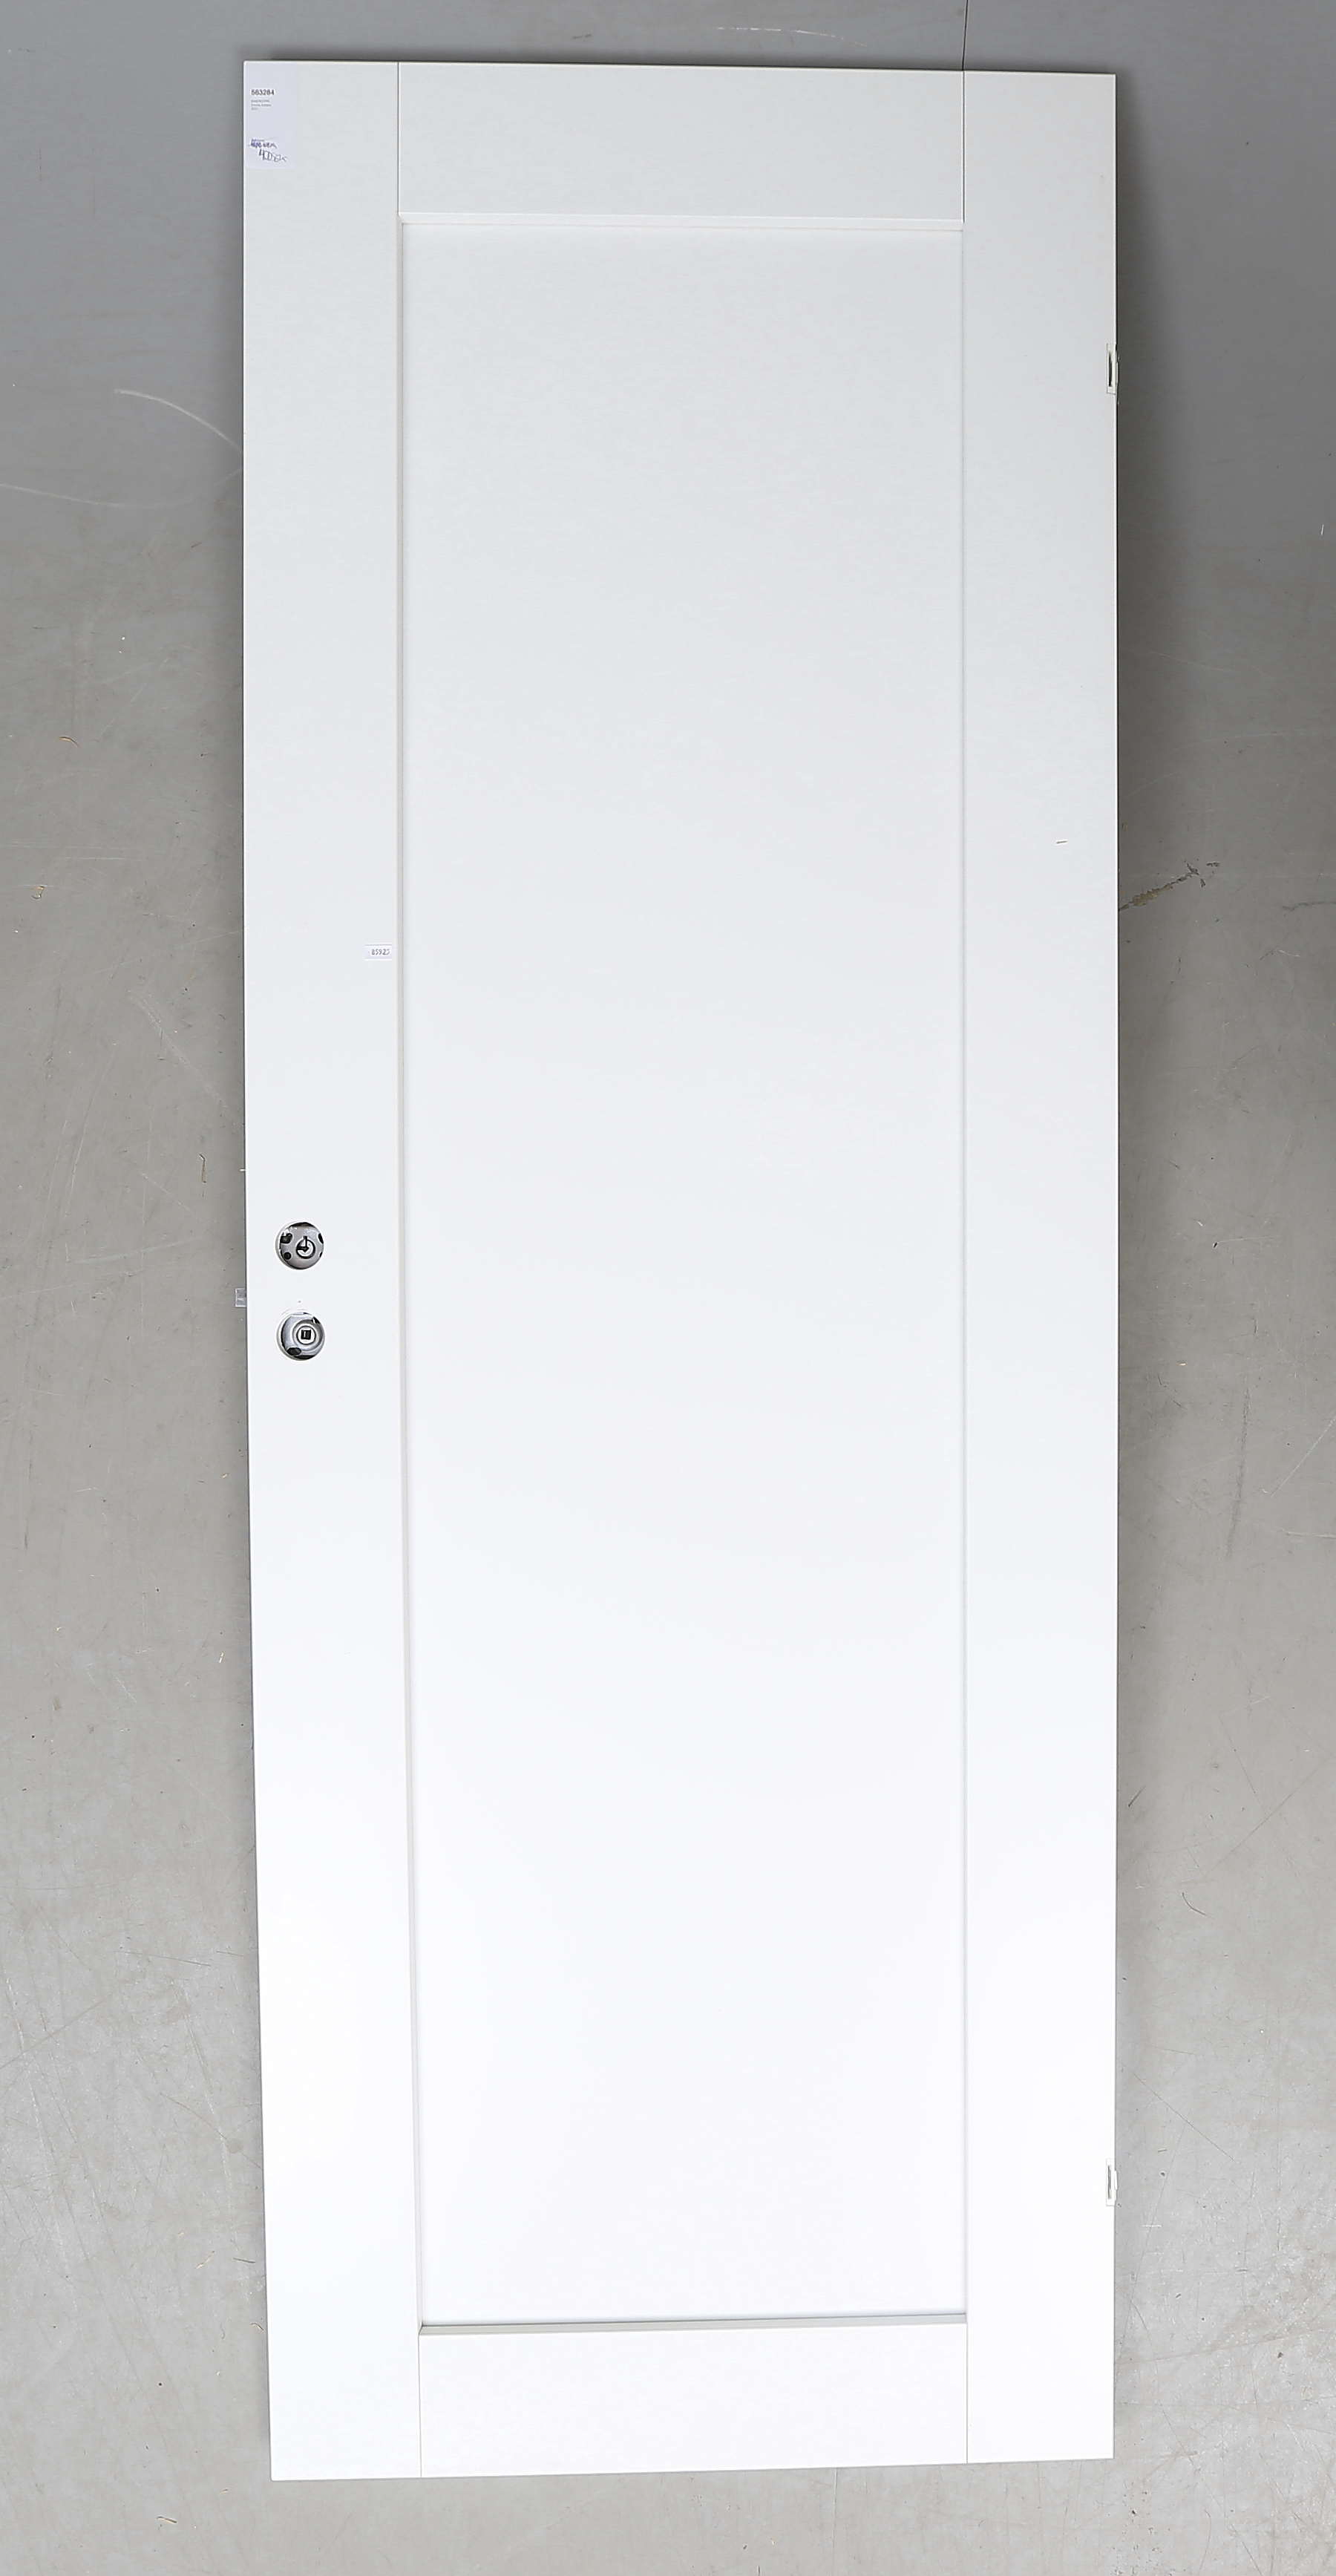 & INNERDÖRR Dooria Addera 8001. Furniture - Other - Auctionet